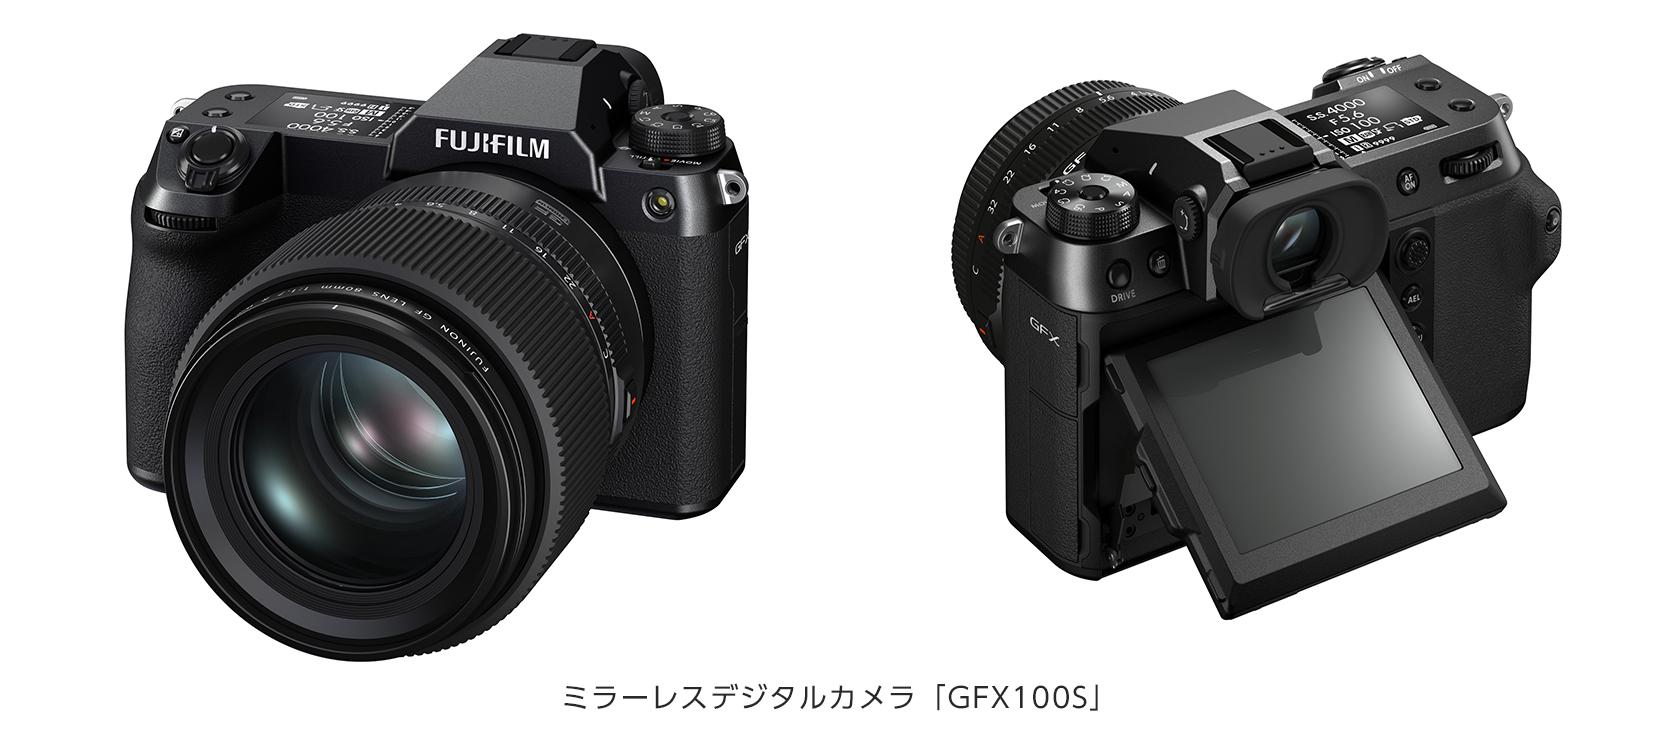 [画像]ミラーレスデジタルカメラ「GFX100S」